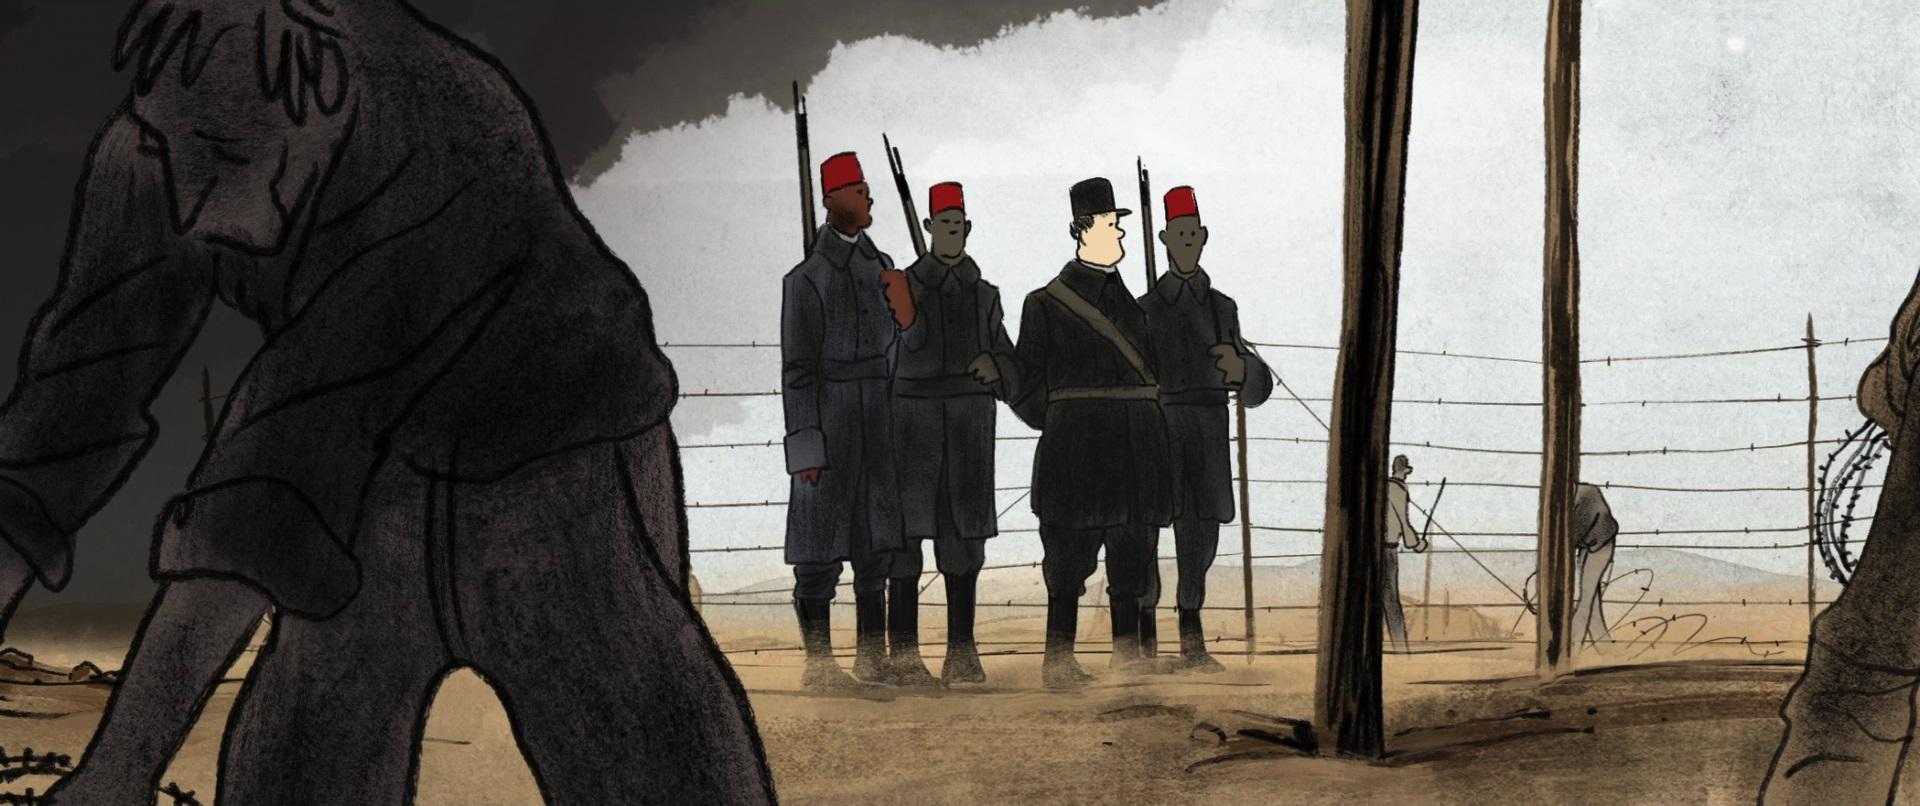 Serge et les tirailleurs sénégalais, une complicité salvatrice dans Josep